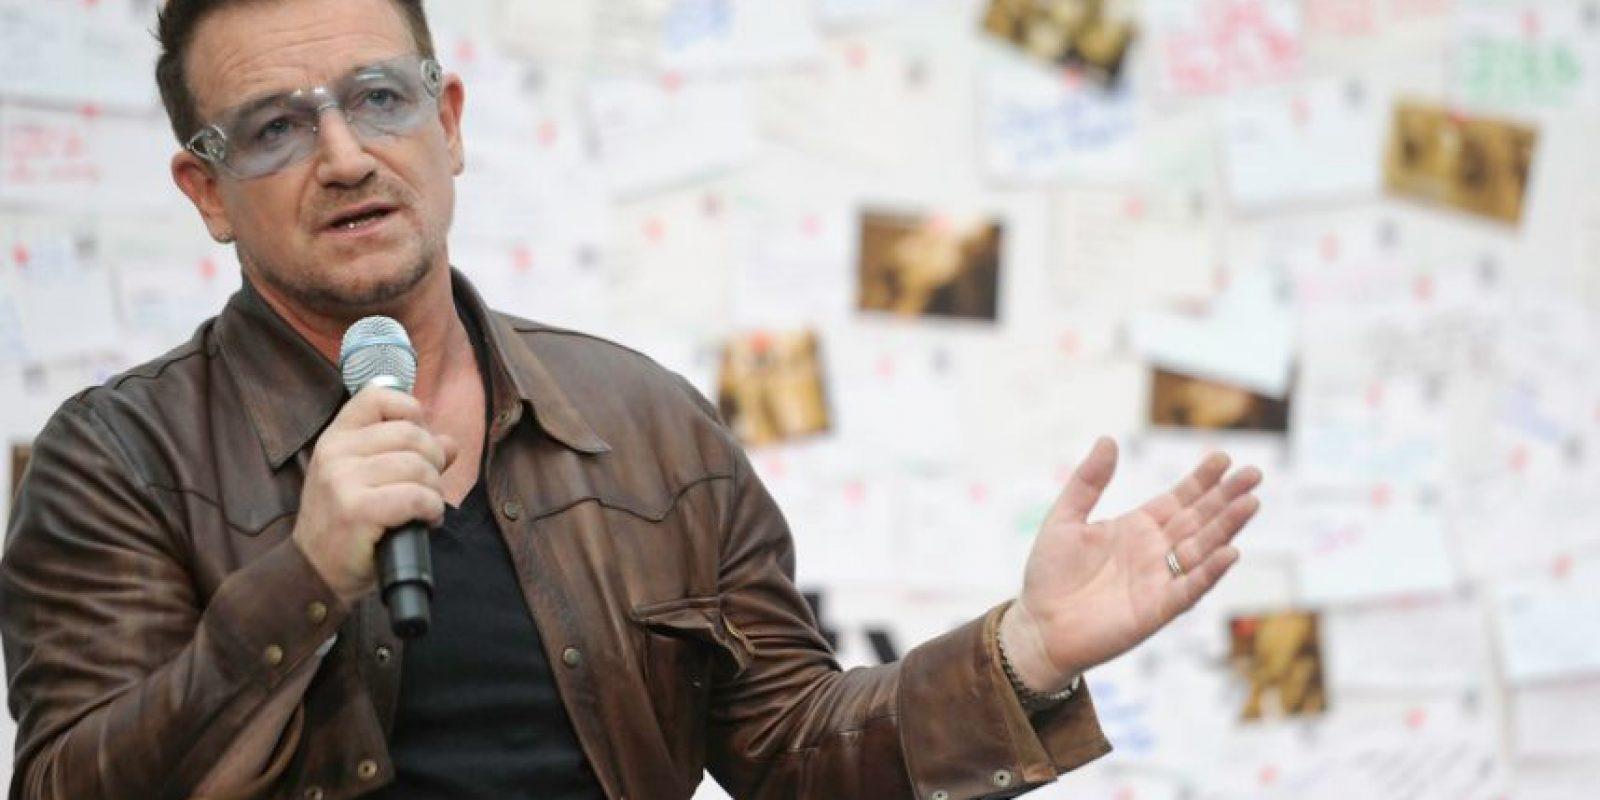 El cantante ganó el 19% de los votos como un famoso con influencia negativa. Foto:Getty Images